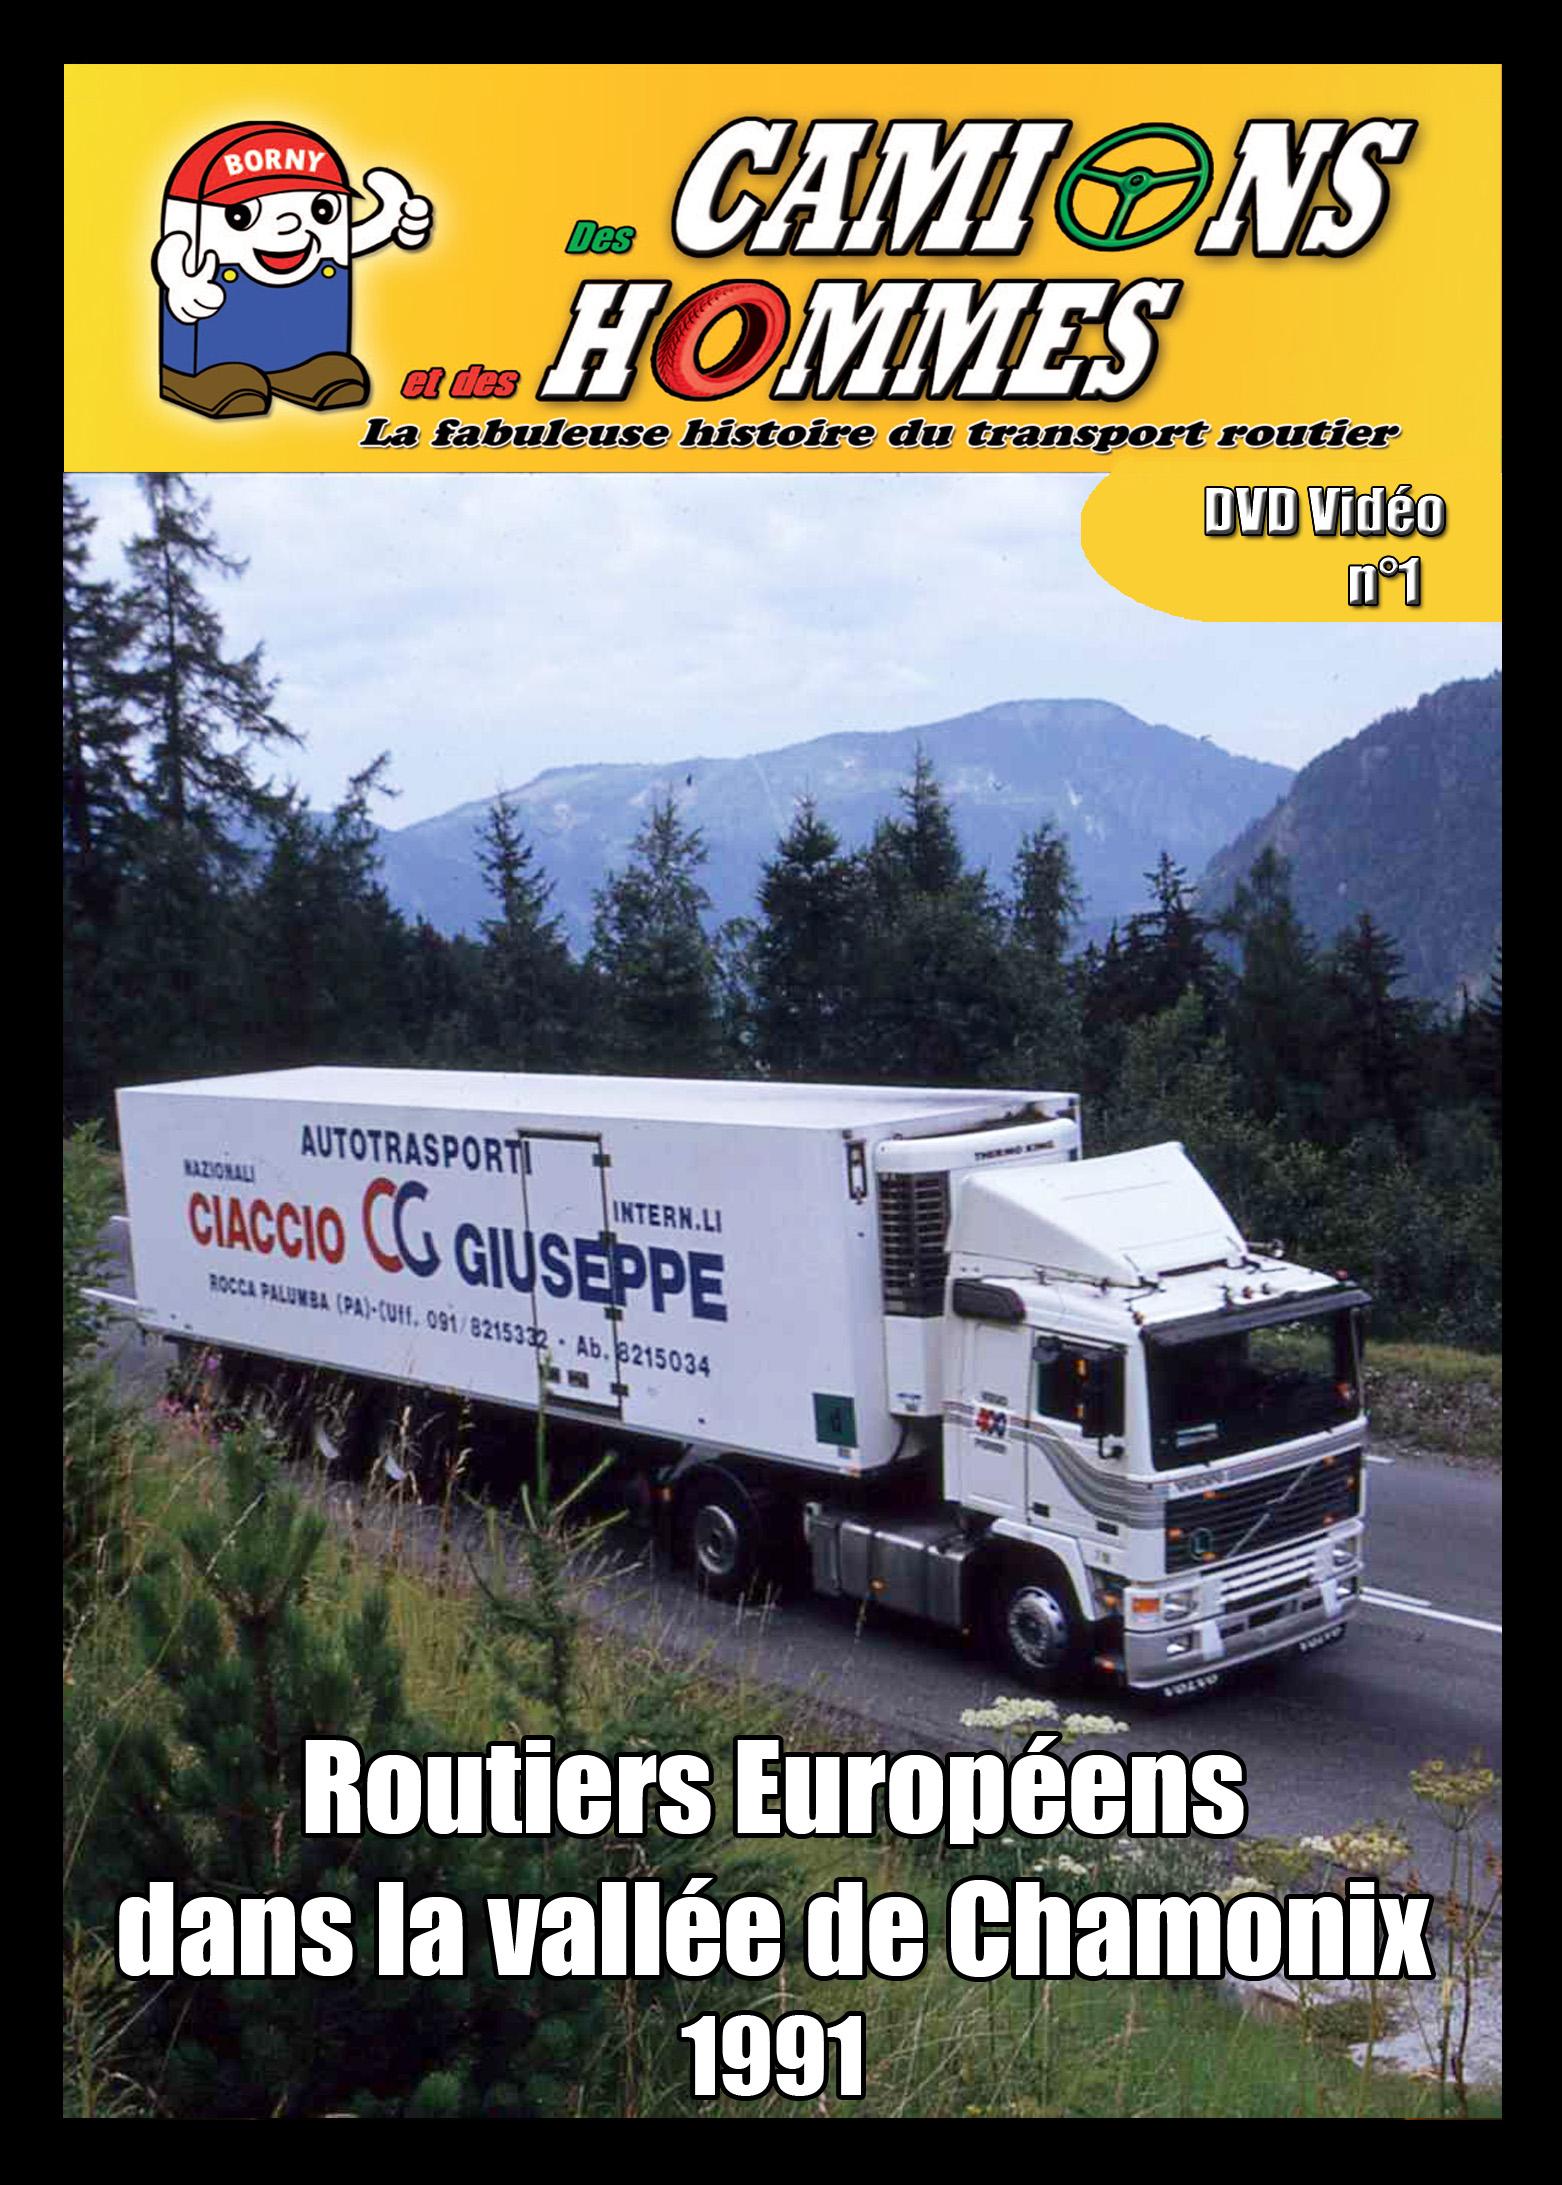 Routiers Européens dans la vallée de Chamonix 1991 partie 1